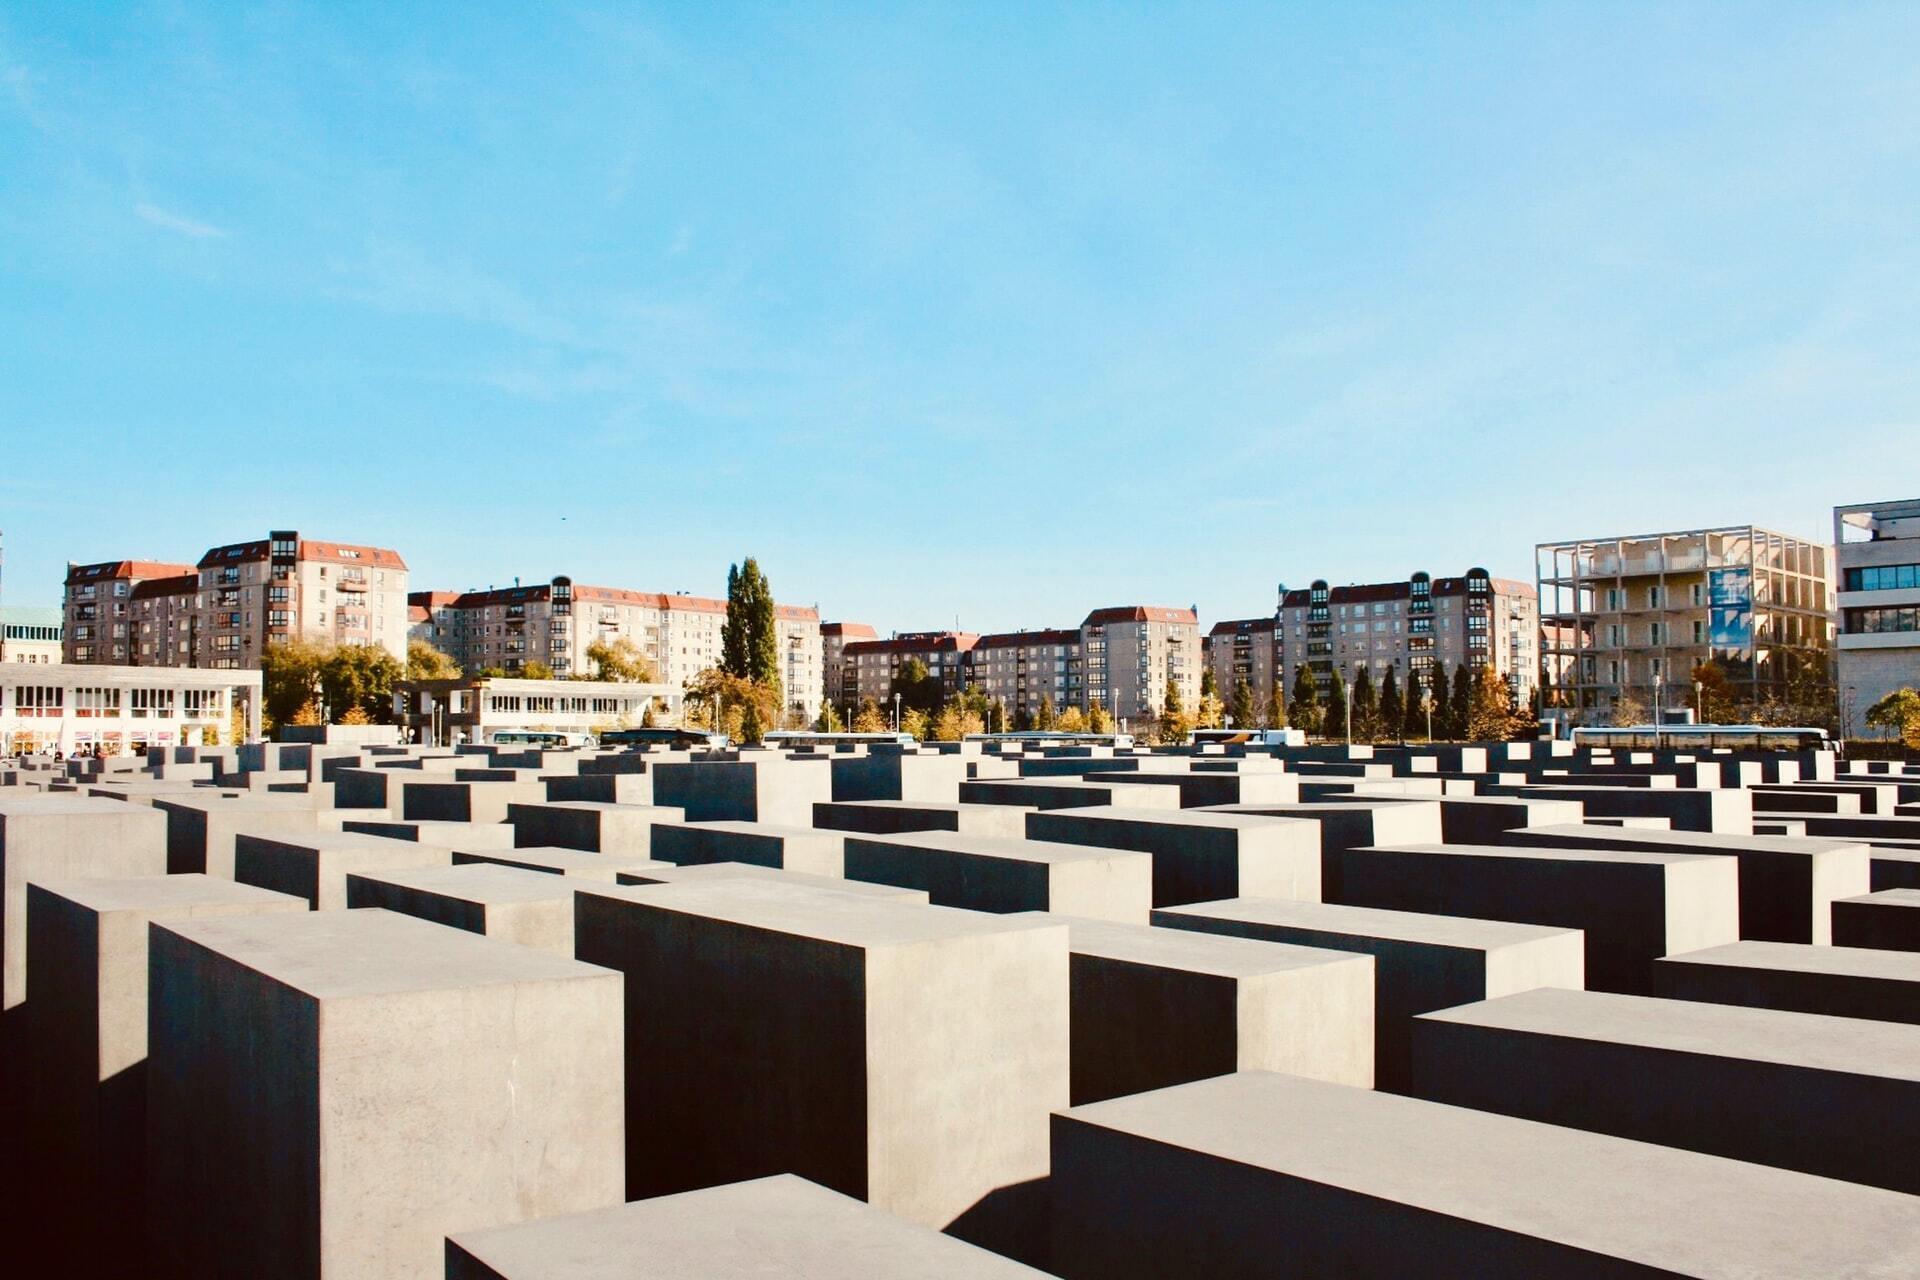 Мемориал убитым евреям Европы в Берлине